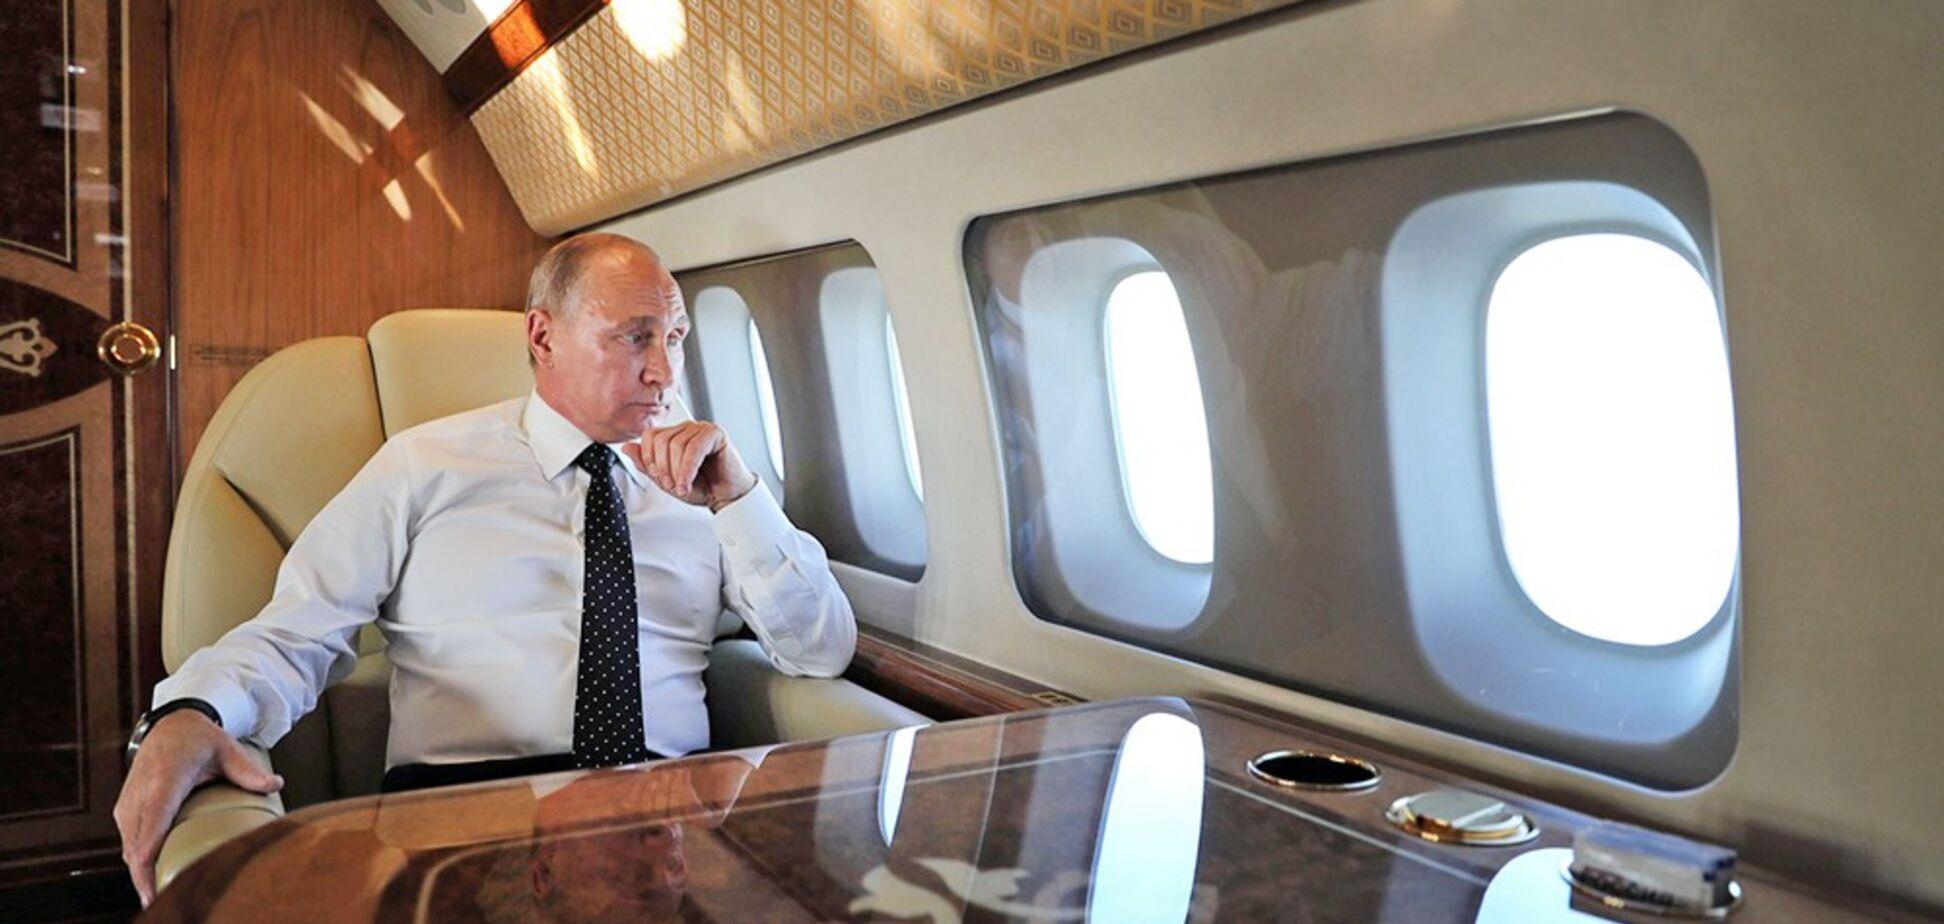 Путин возит с собой за границу даже биосортир – Швец